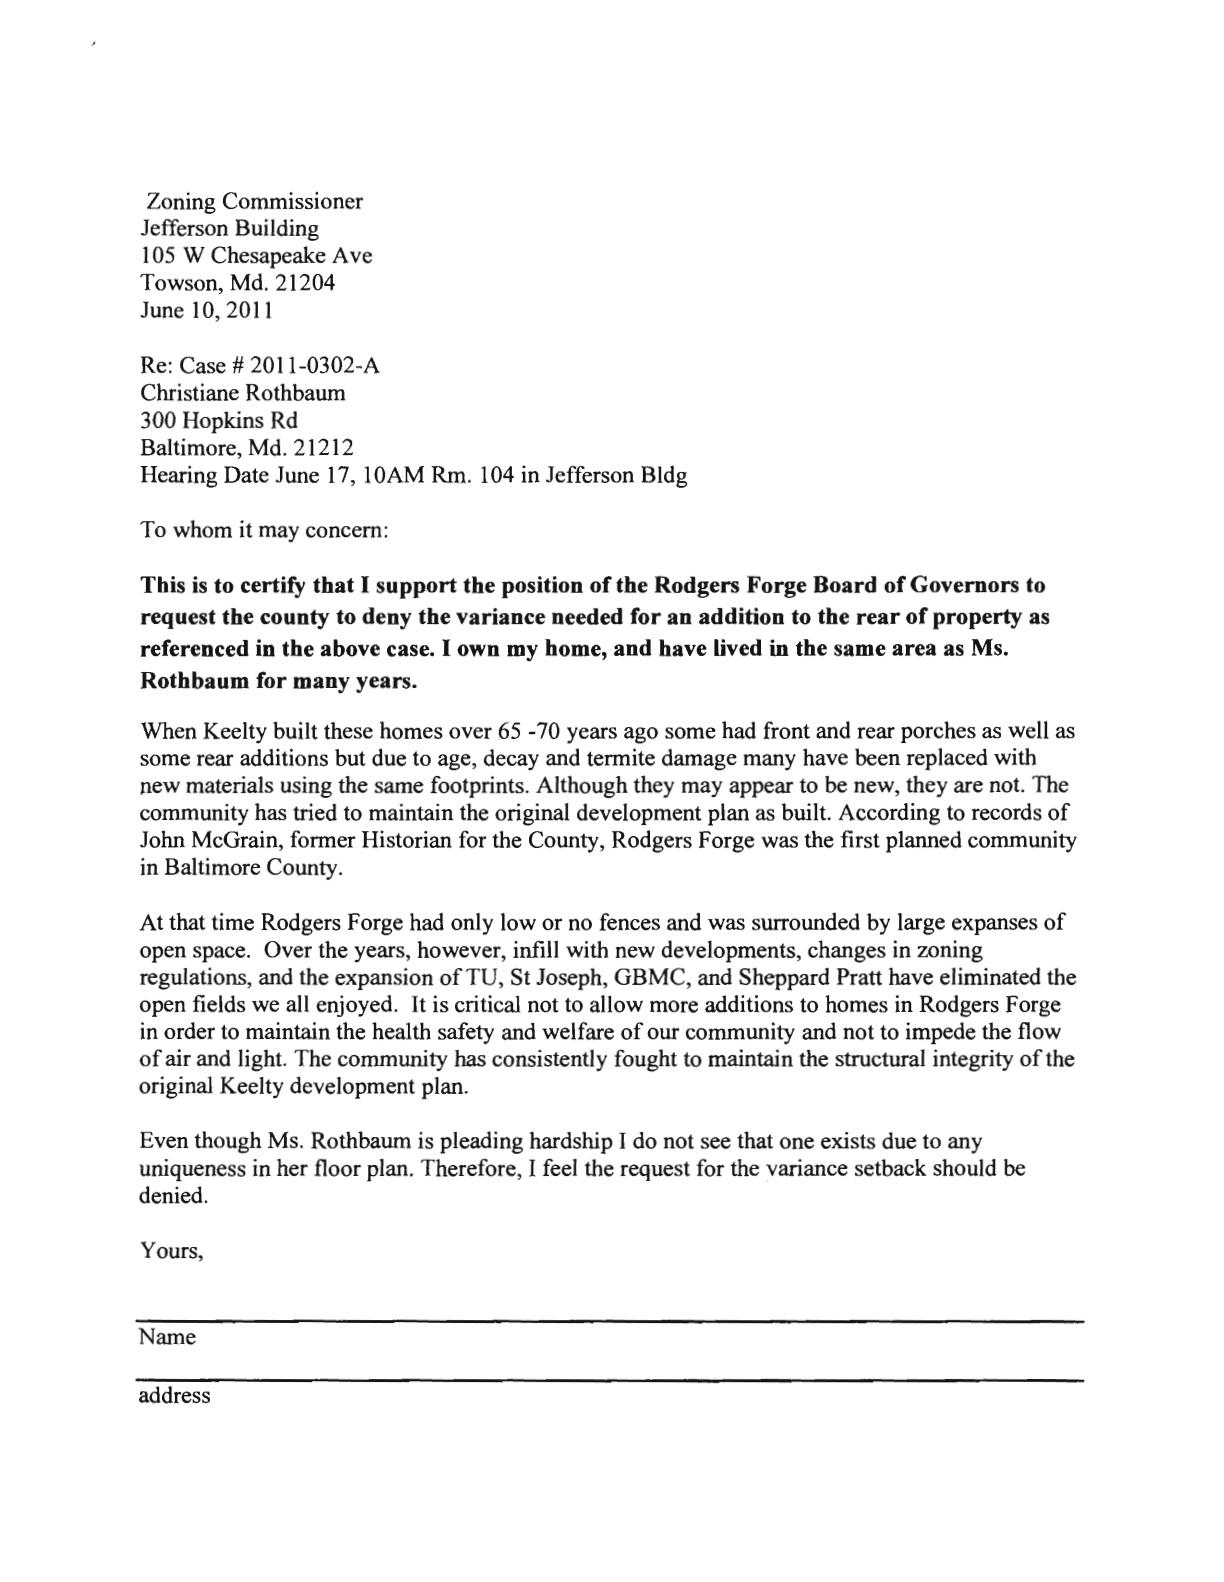 sample letter opposing zoning variance sample business